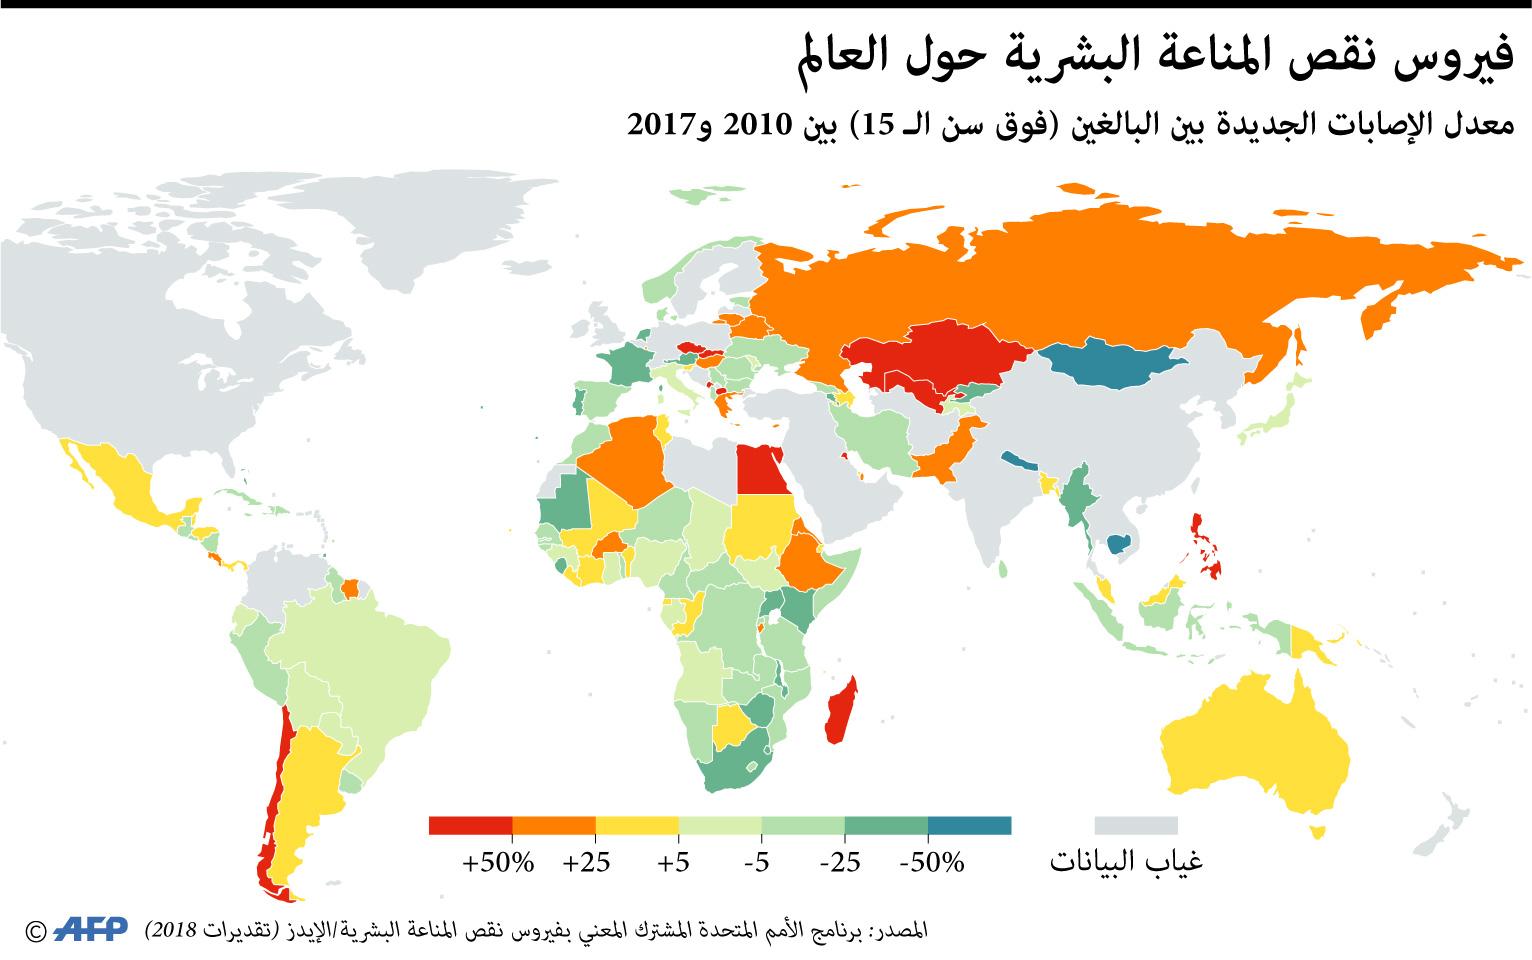 فيروس نقص المناعة البشرية حول العالم